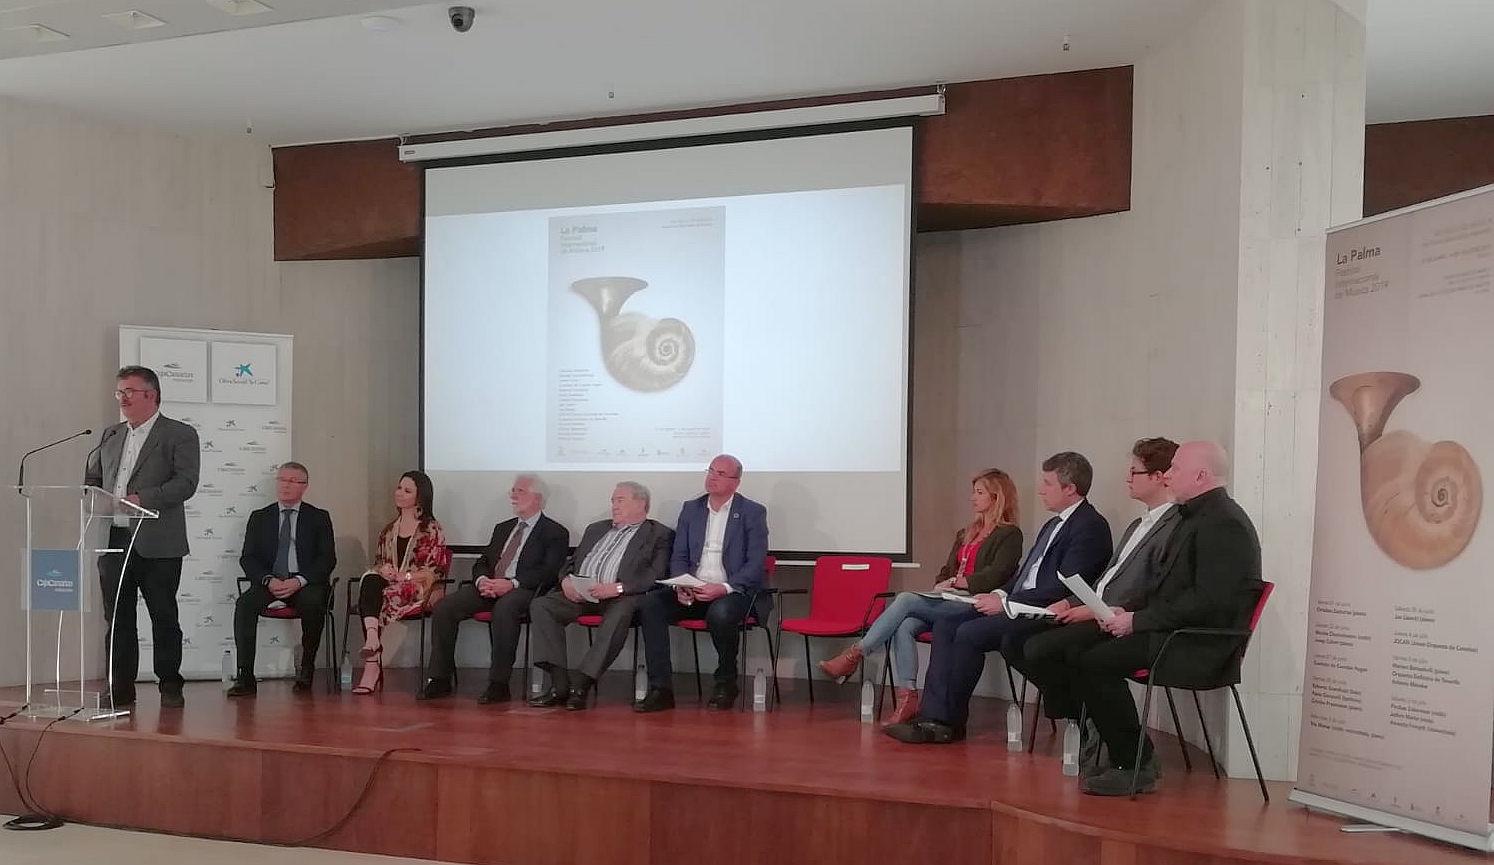 Presentación Festival Internacional de Música de La Palma